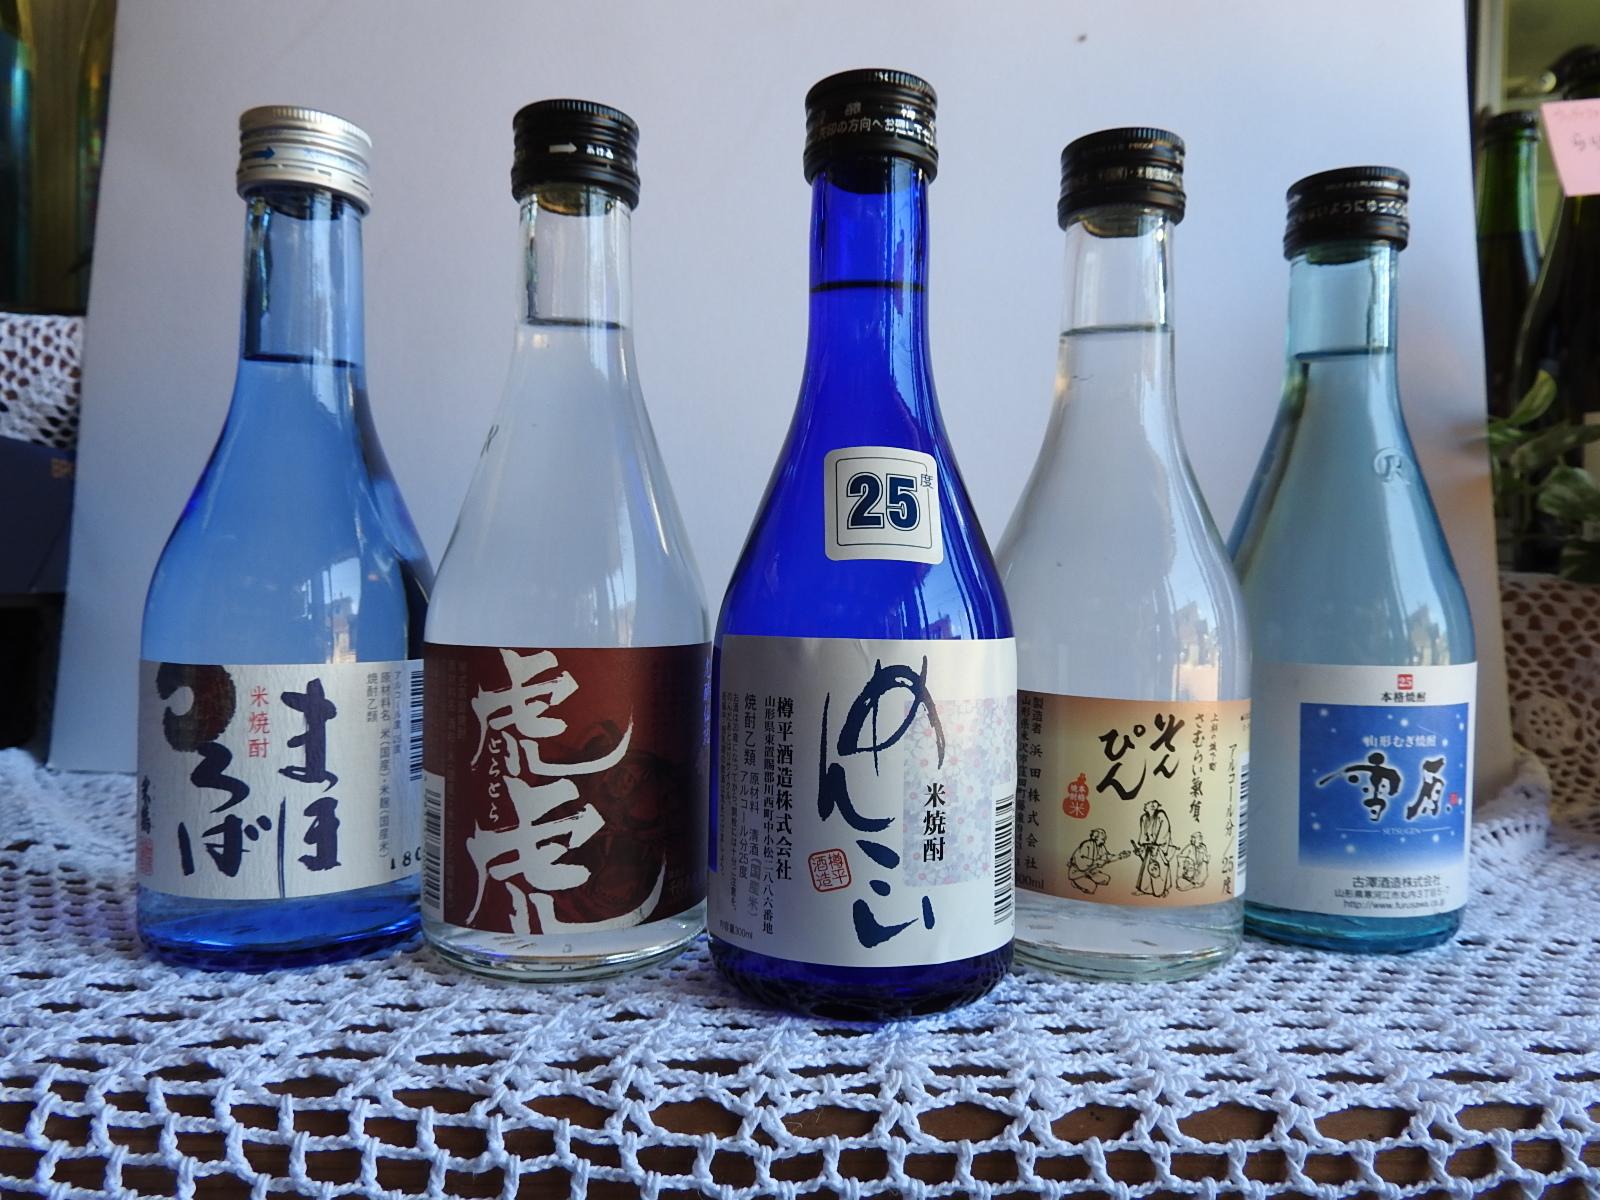 ◆Yamagata shochu set ◆Let's enjoy competition for drink! : Image